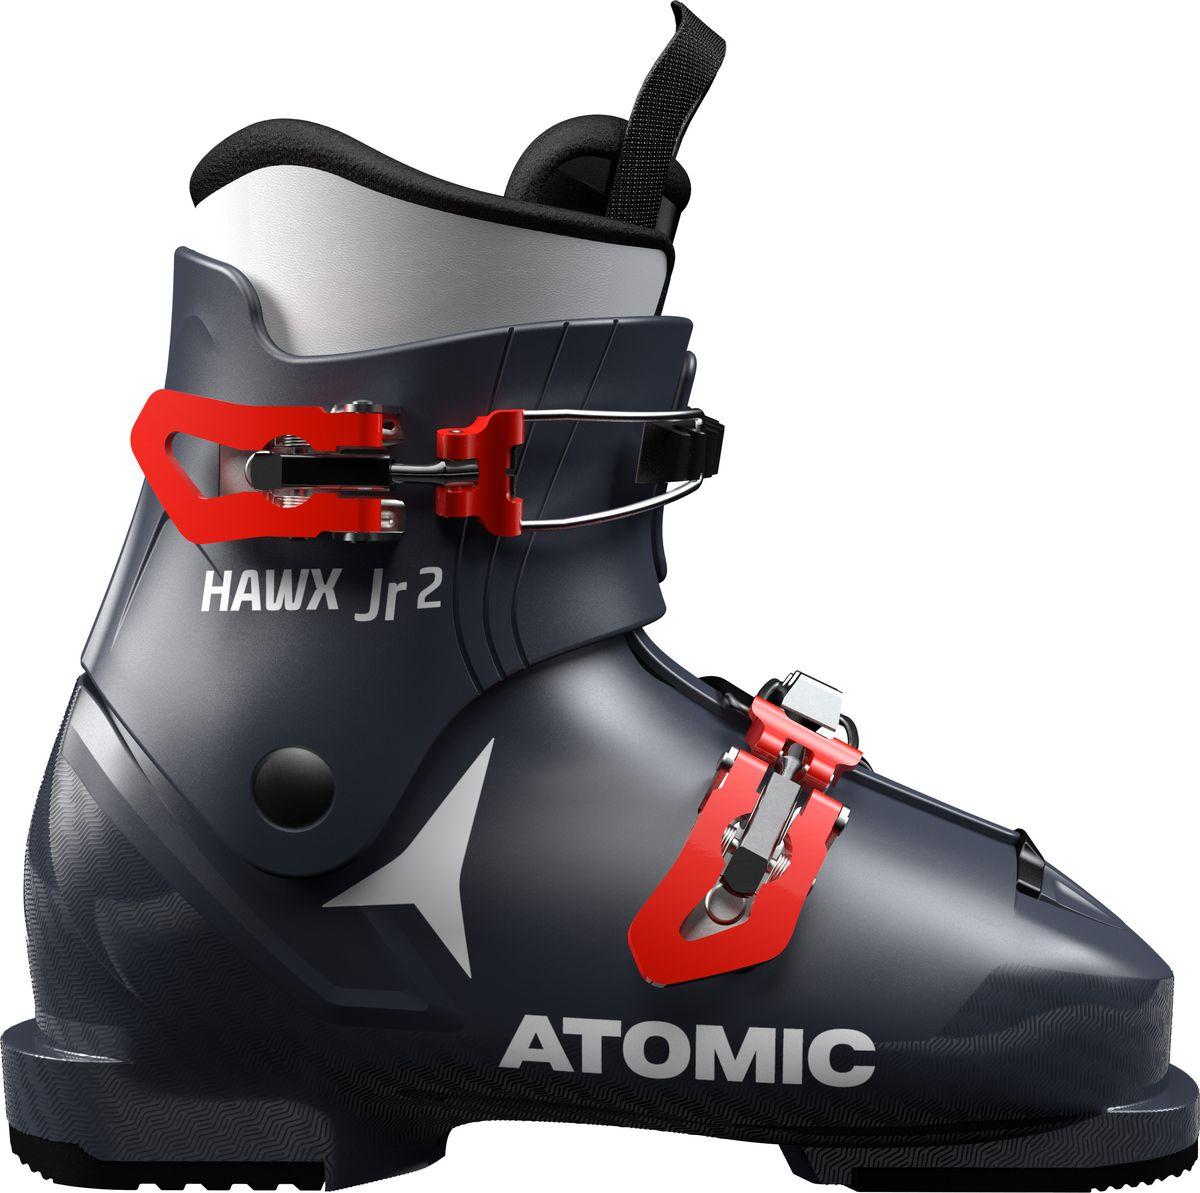 Ботинки горнолыжные Atomic Hawx Jr 2, цвет: темно-синий, зеленый. Размер 29,5/30 горнолыжные ботинки atomic atomic hawx magna 110